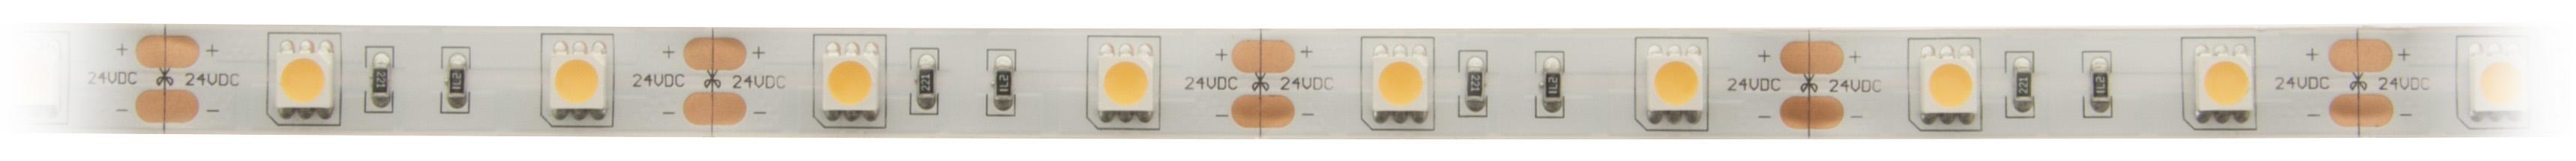 1 Stk Flexstrip 35 HW Ra=90+, 7,7W/m, 695lm/m, 24VDC,IP44, l=5m LIFS015010